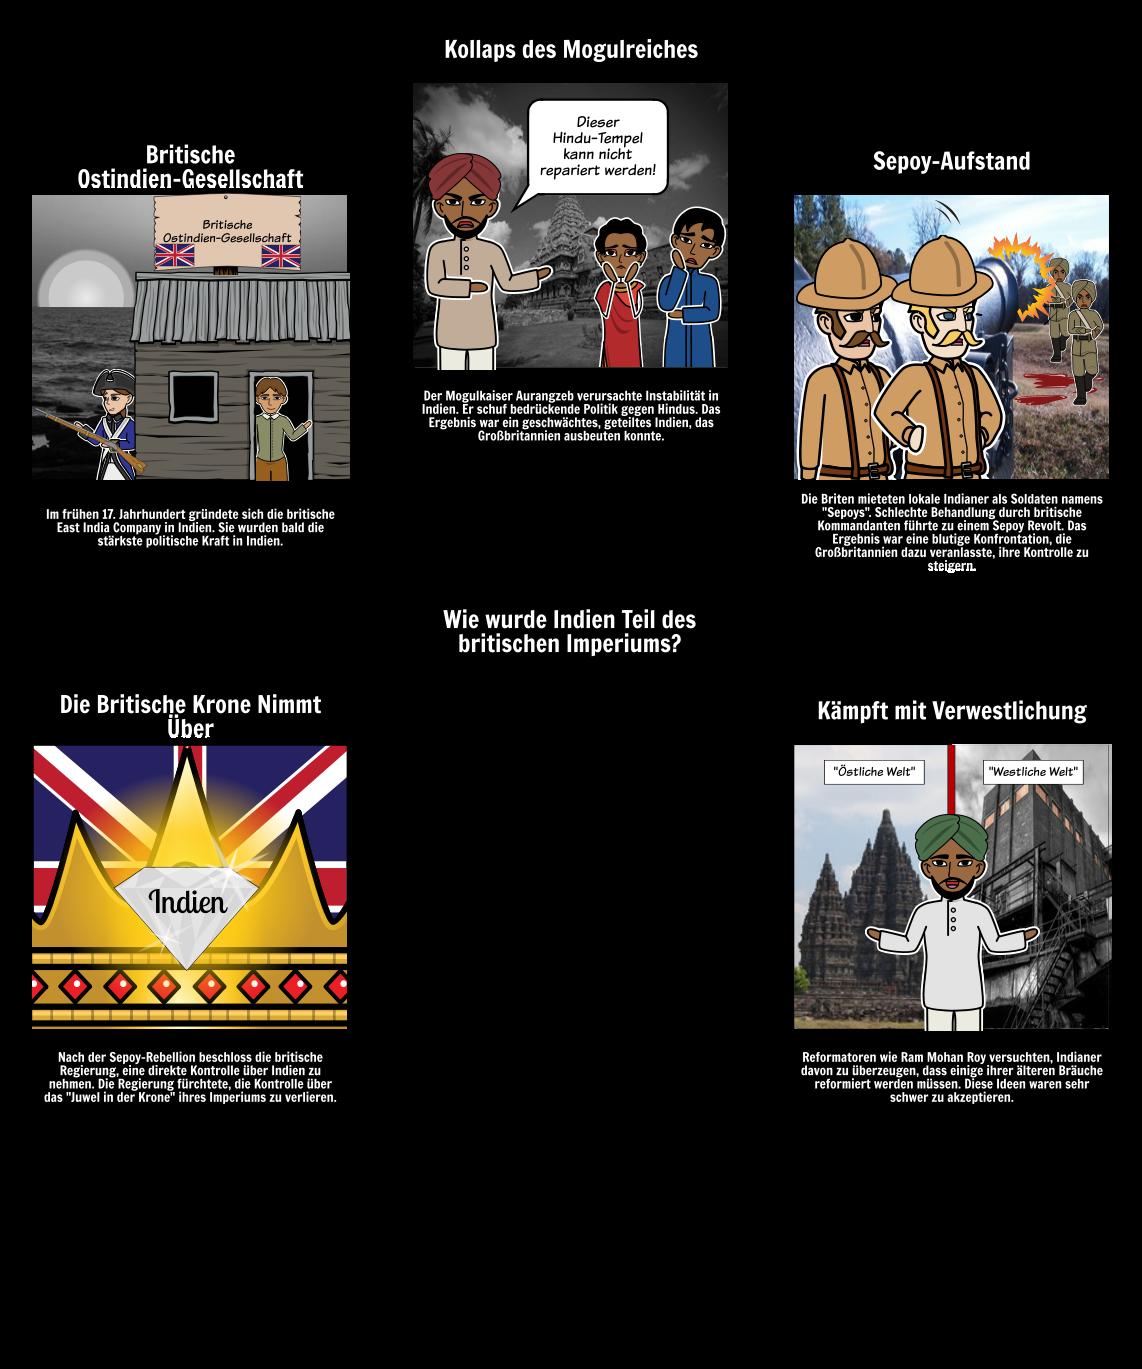 Die Geschichte des Imperialismus - Einbeziehung Indiens in das Britische Em